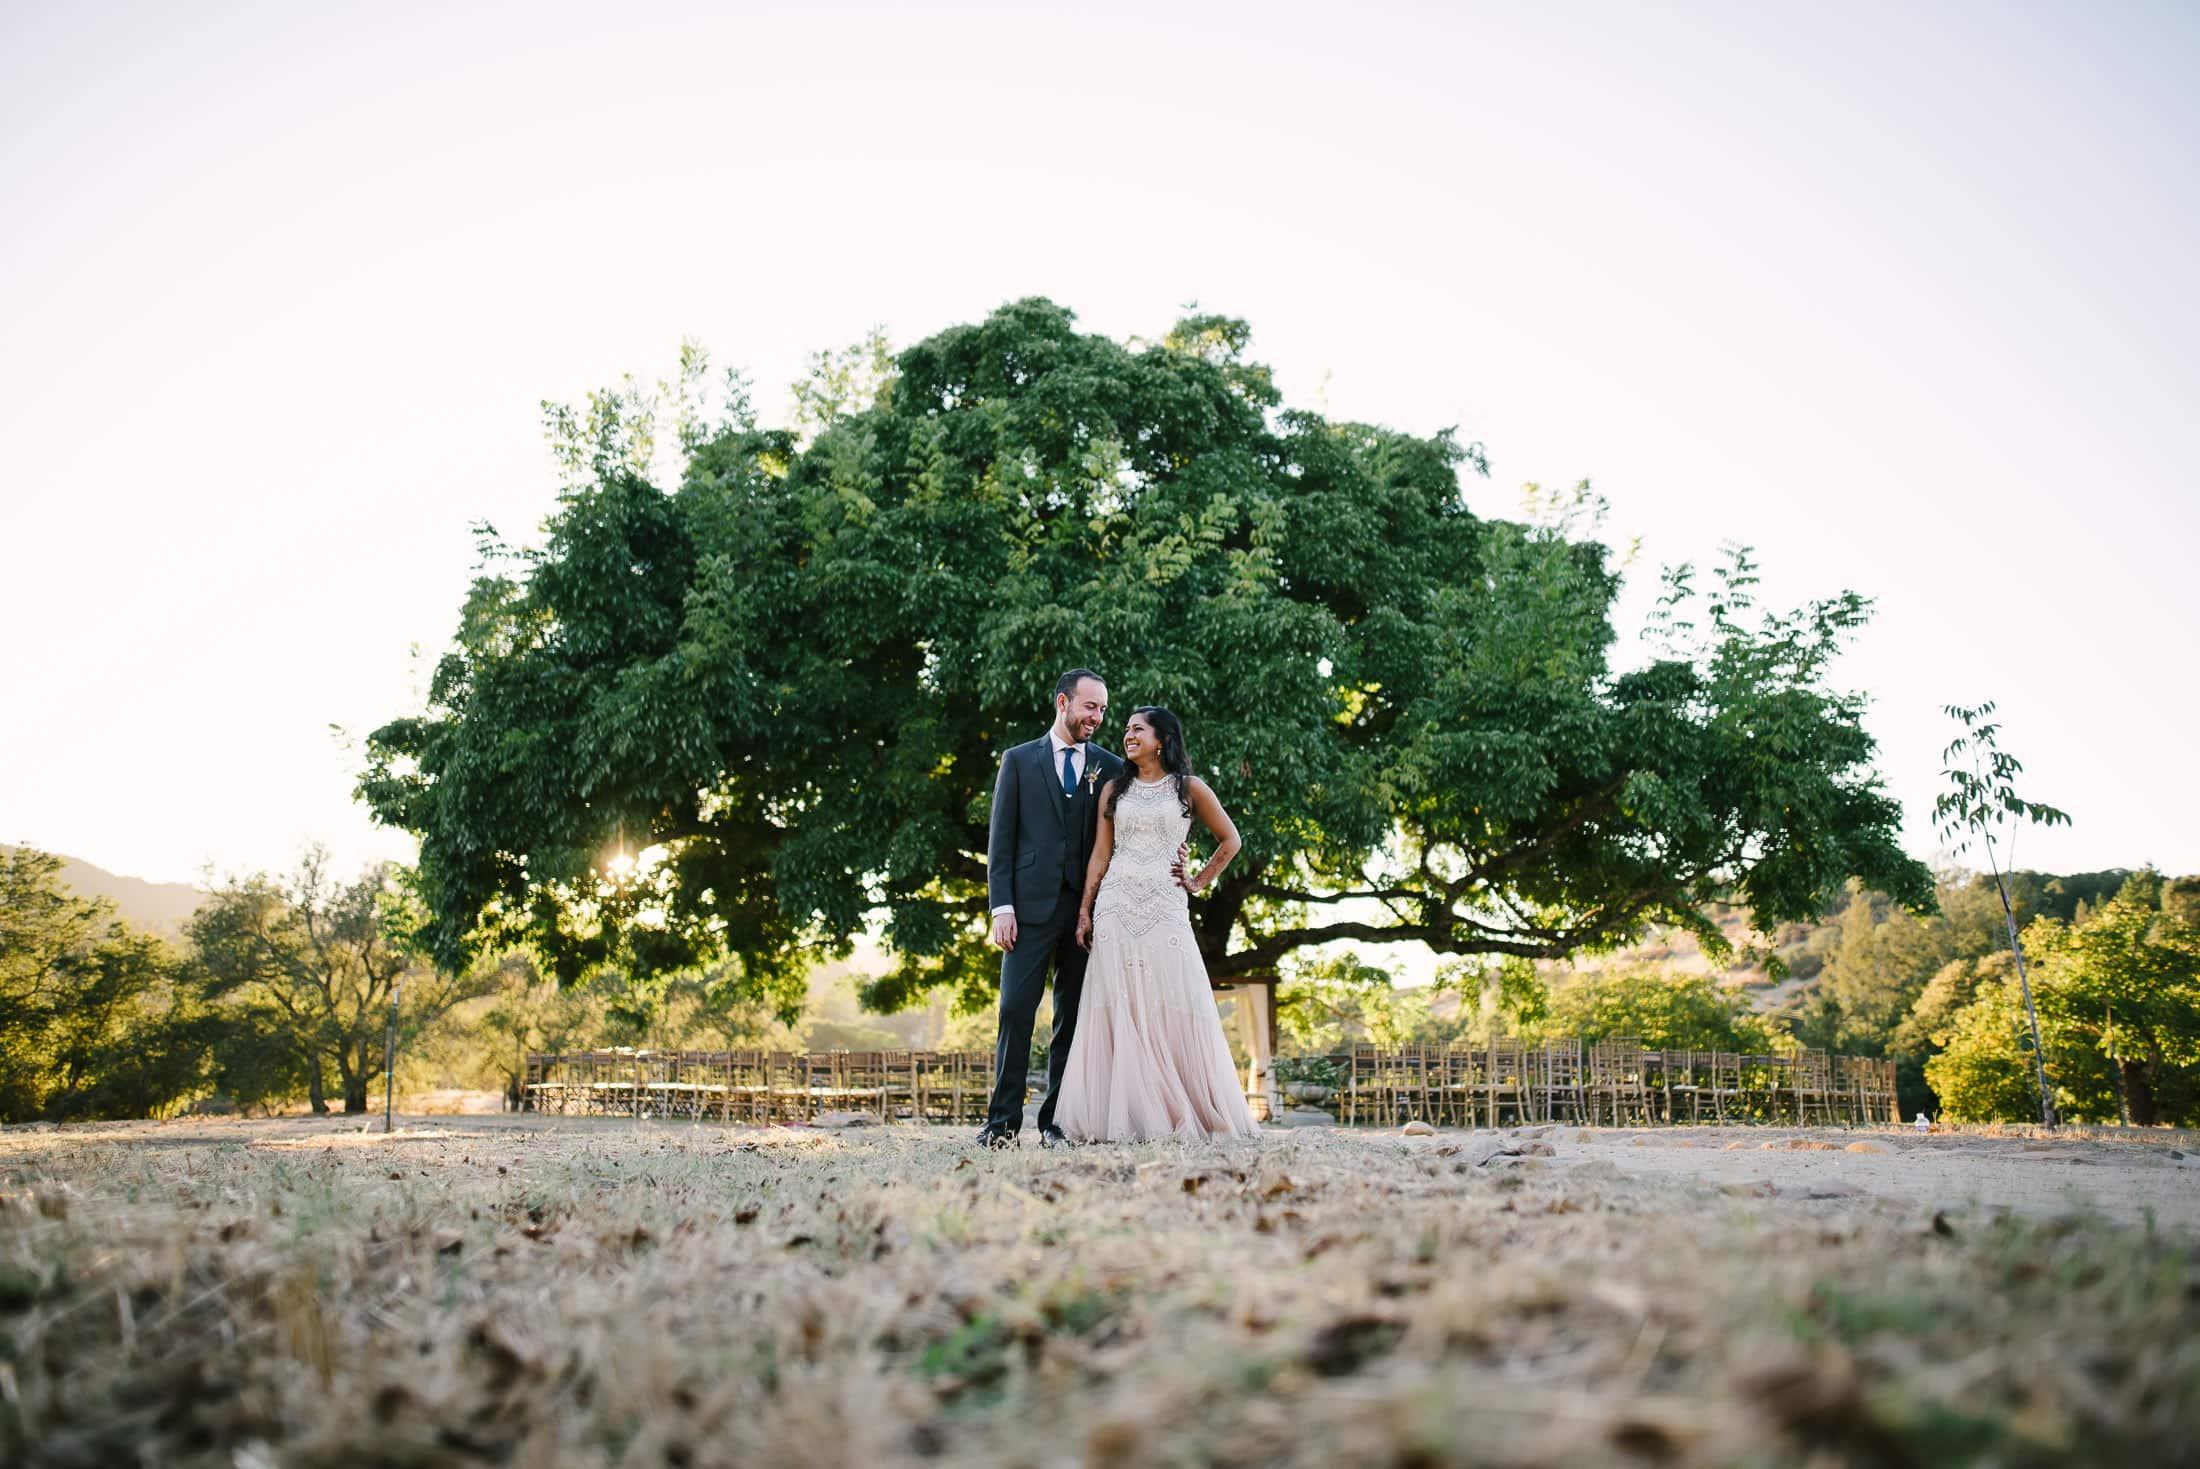 Indian Jewish Triple S Ranch Wedding Portrait with Walnut